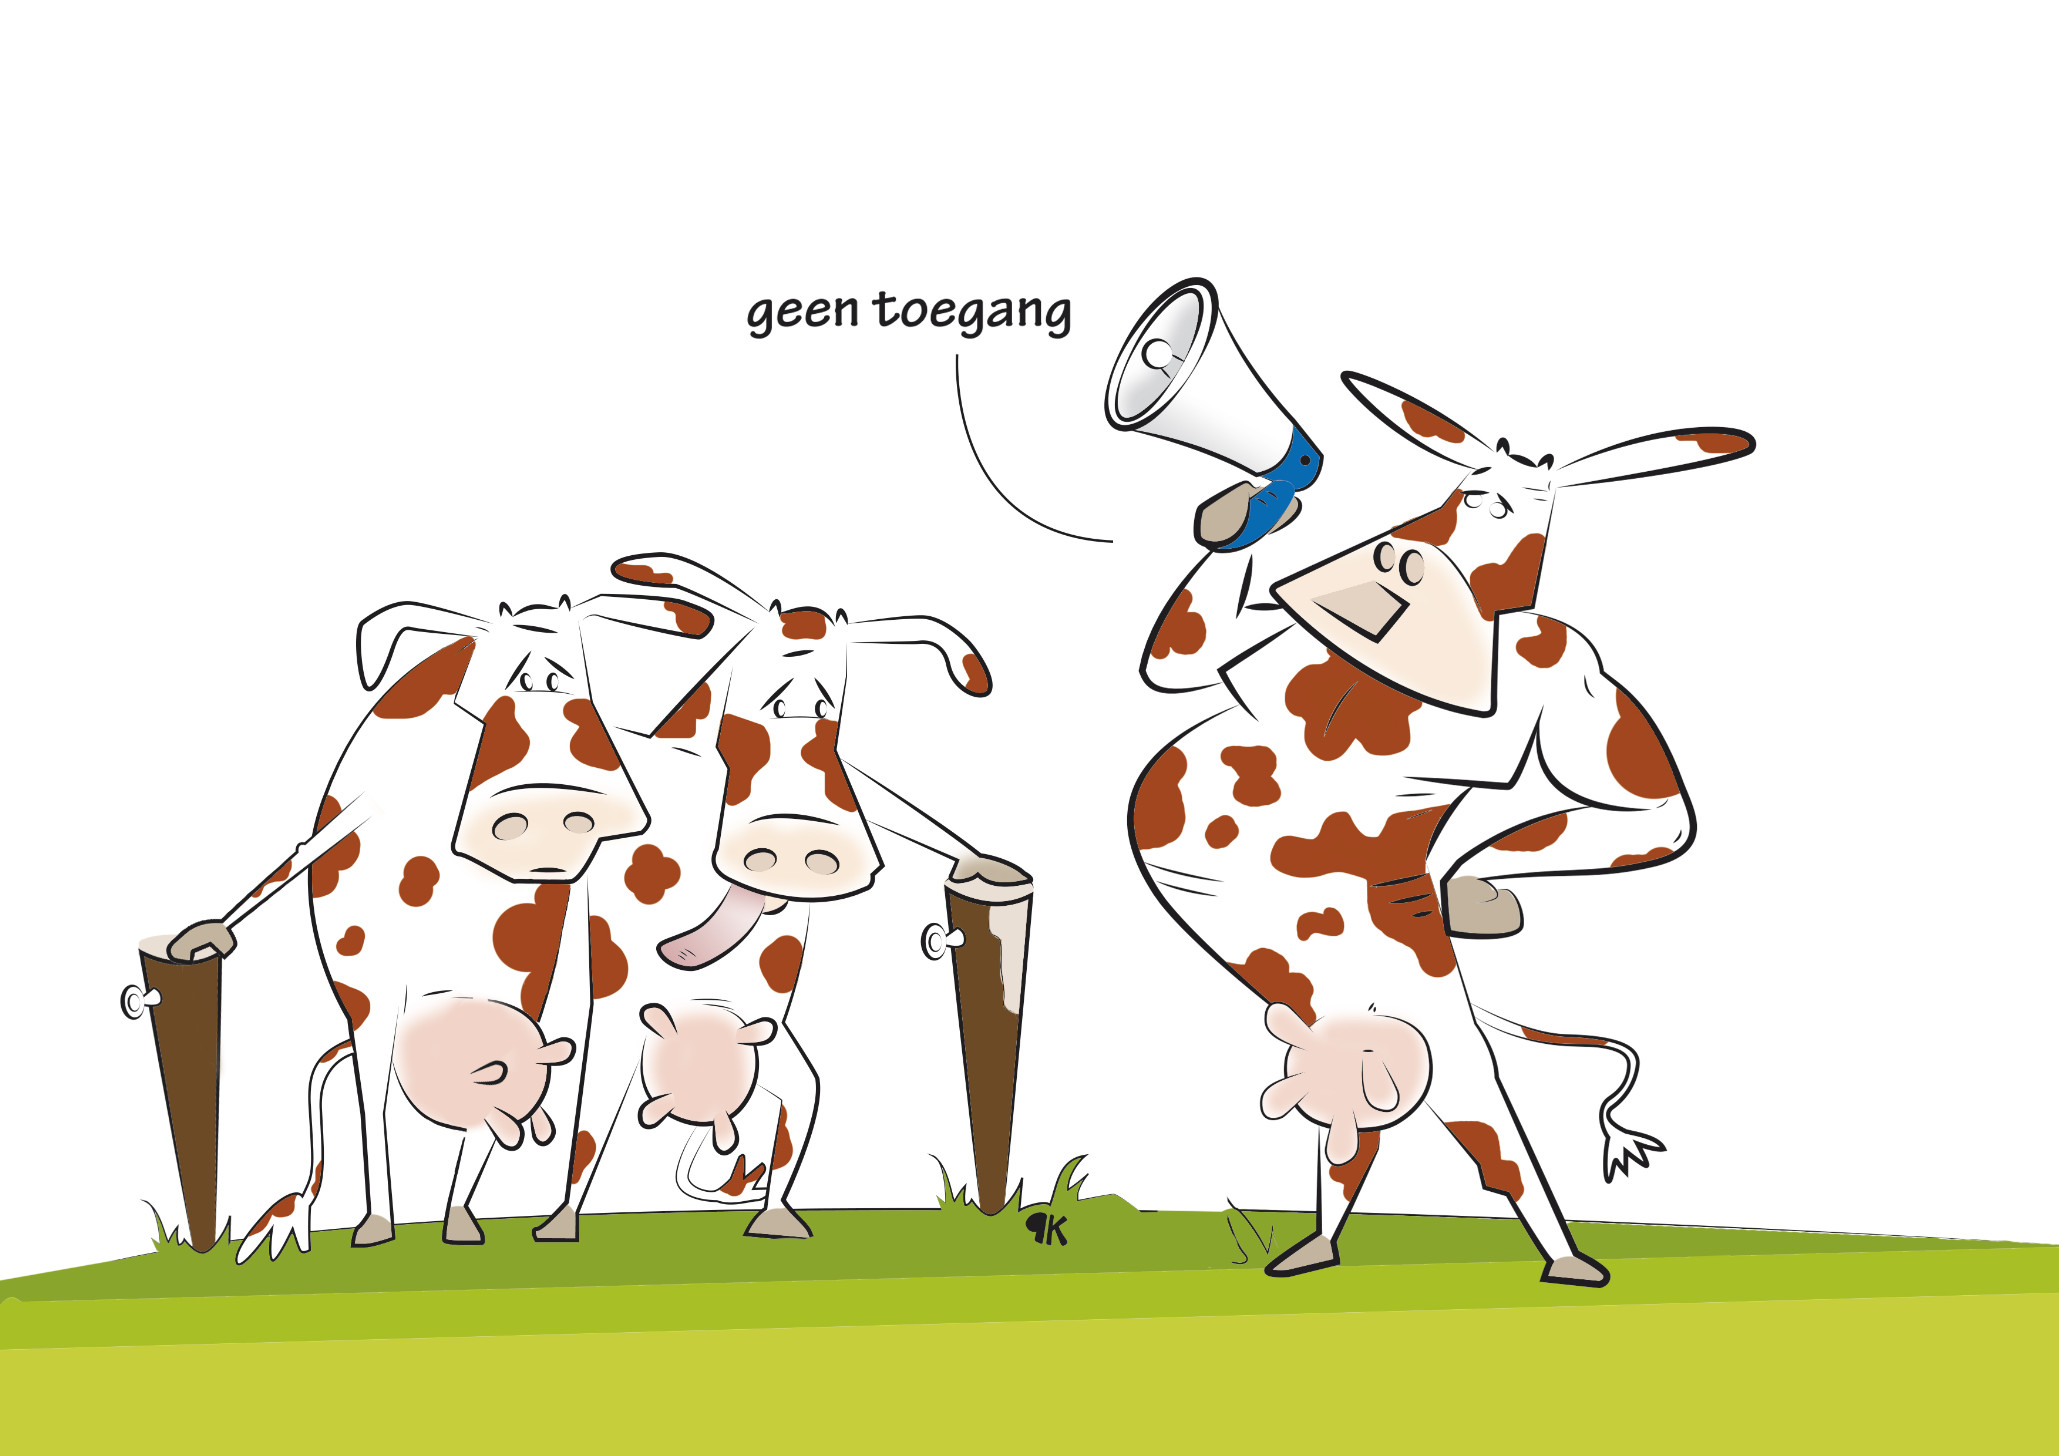 Veerman vreest intensivering veehouderij, ondanks nieuwe wetten